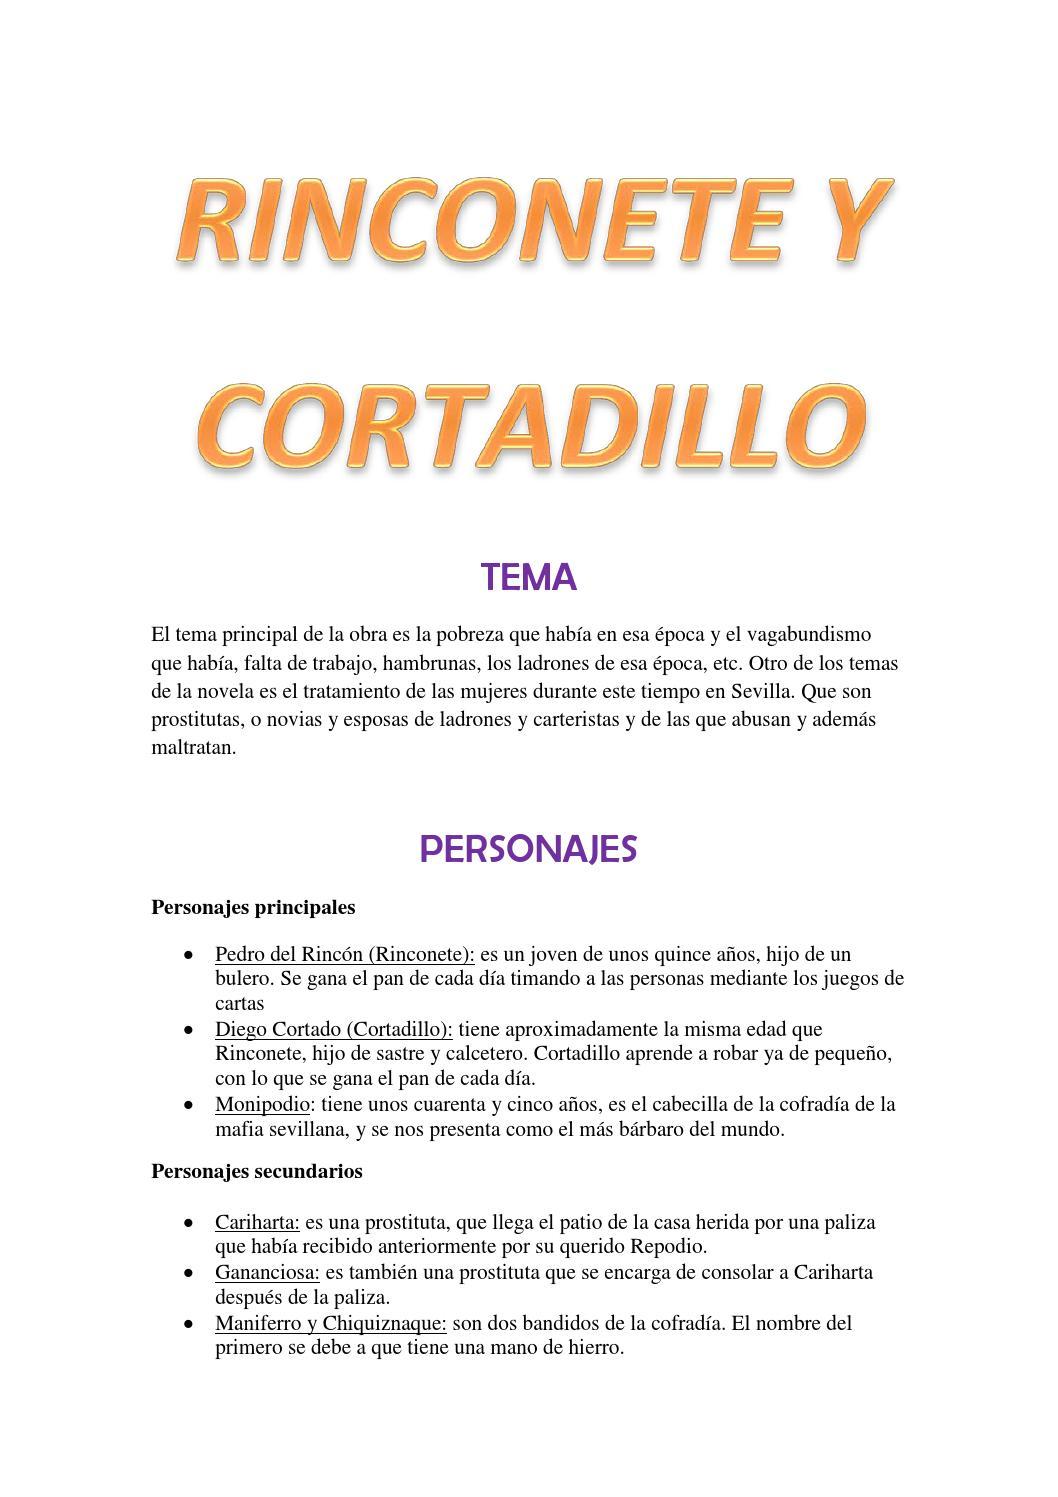 Novelas Ejemplares De Miguel De Cervantes By Rosa María Falcón González Issuu